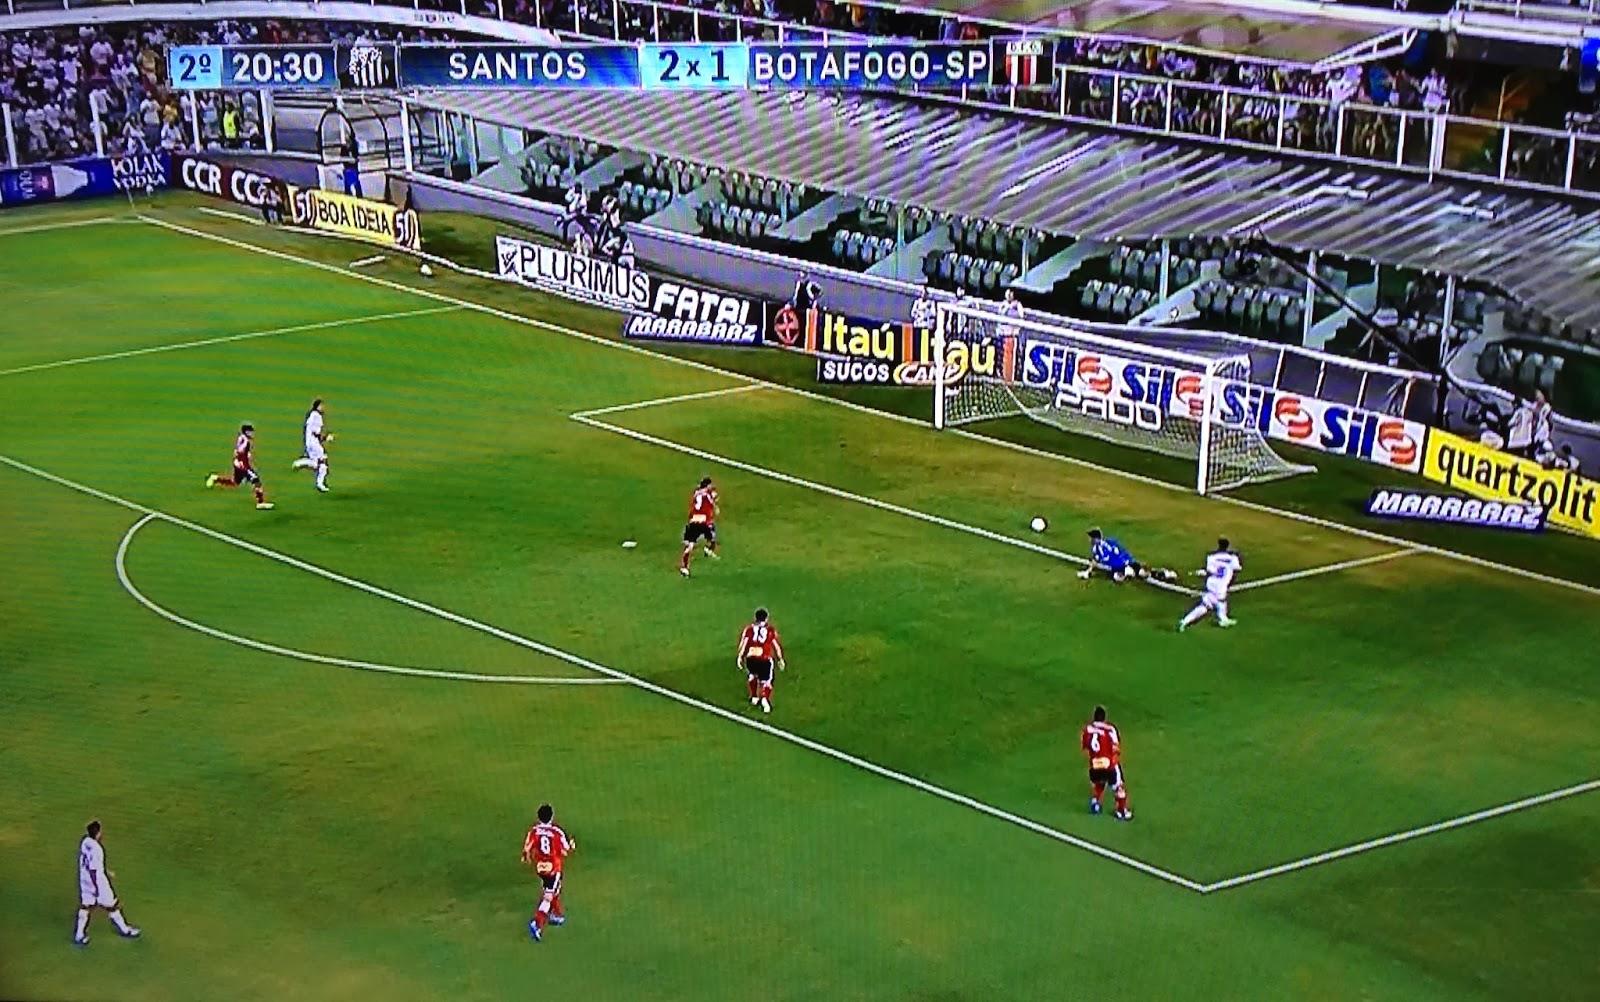 Gol de Gabigol contra o Botafogo/SP